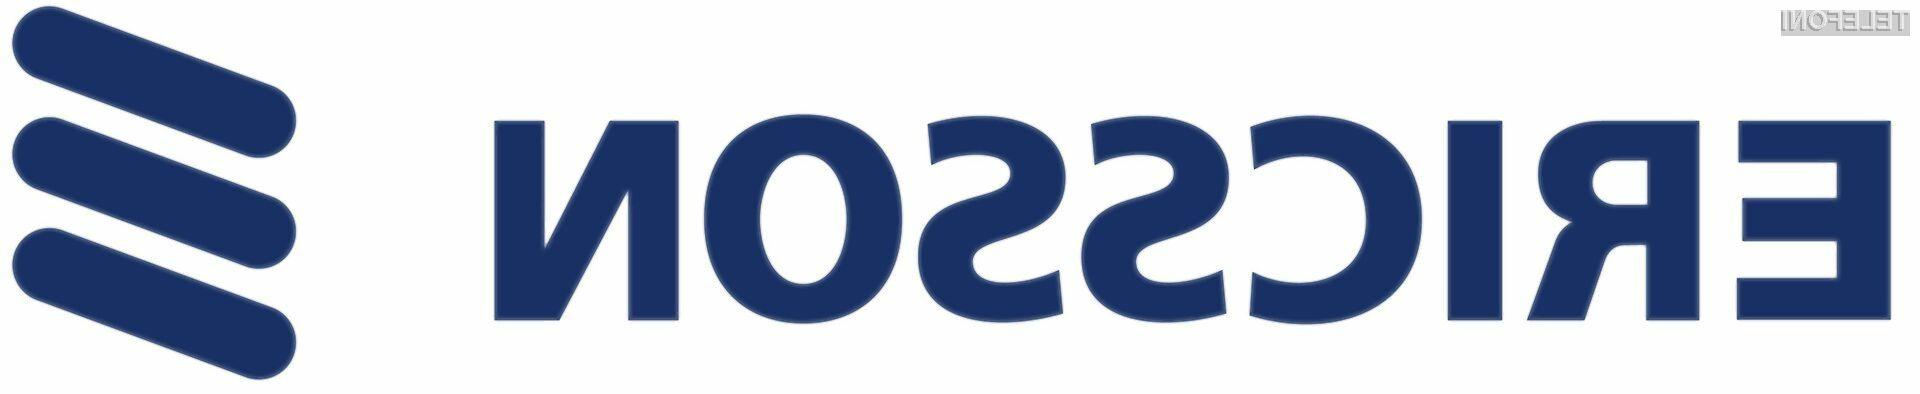 •S 84 Mbps postavljen nov svetovni rekord hitrosti prenosa podatkov s tehnologijo HSPA.